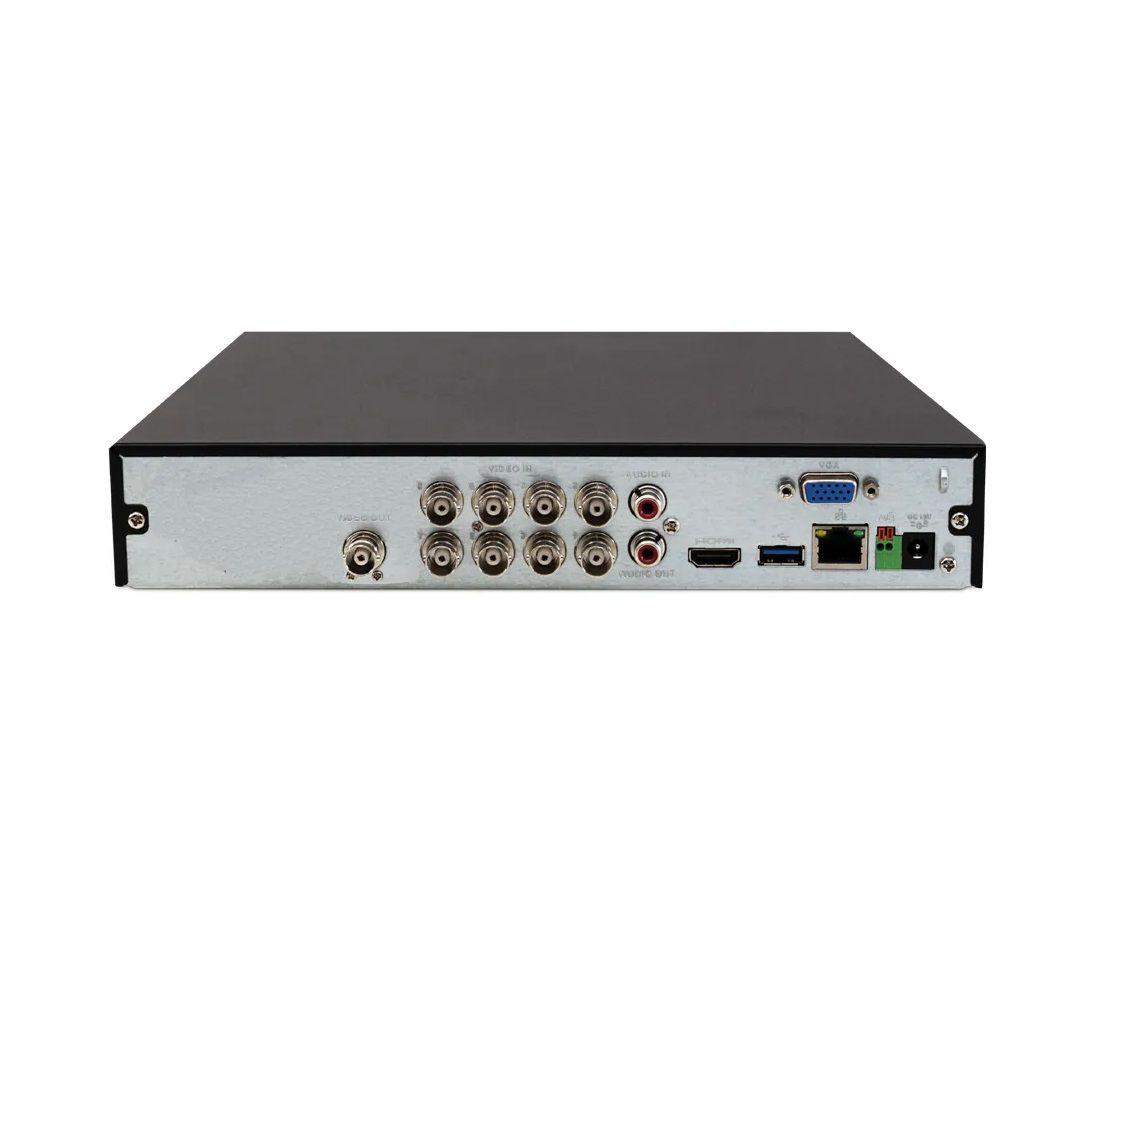 DVR Intelbras 08 Canais Full HD MHDX 3108 1080p Multi HD + 4 Canais IP 5 Mp